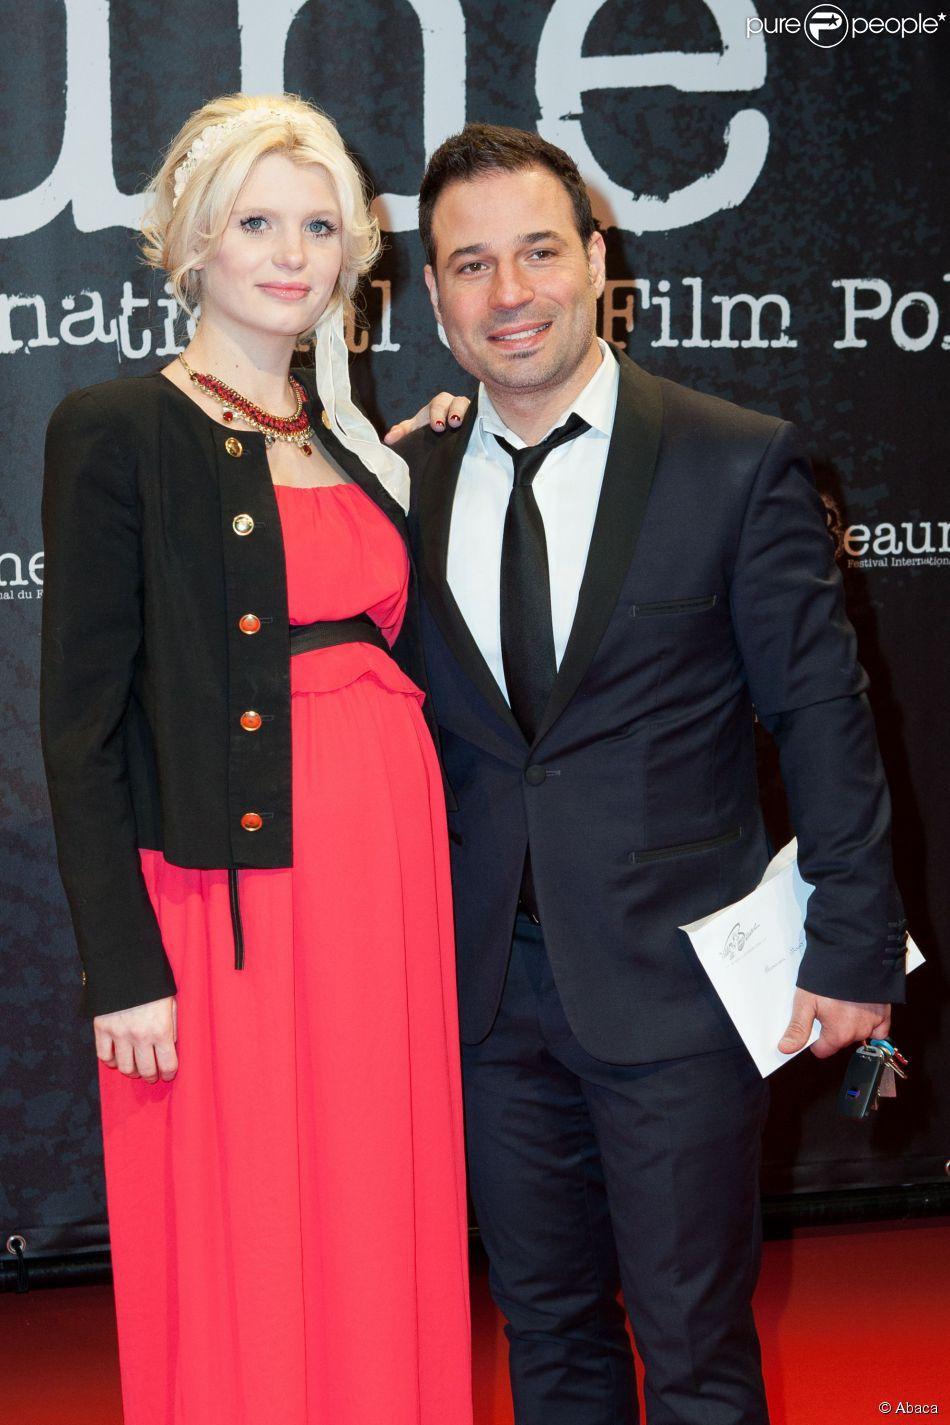 Mario Barravecchia (Star Academy 1) et sa compagne, enceinte, lors de l'ouverture du festival international du film de Beaune le 25 mars 2015